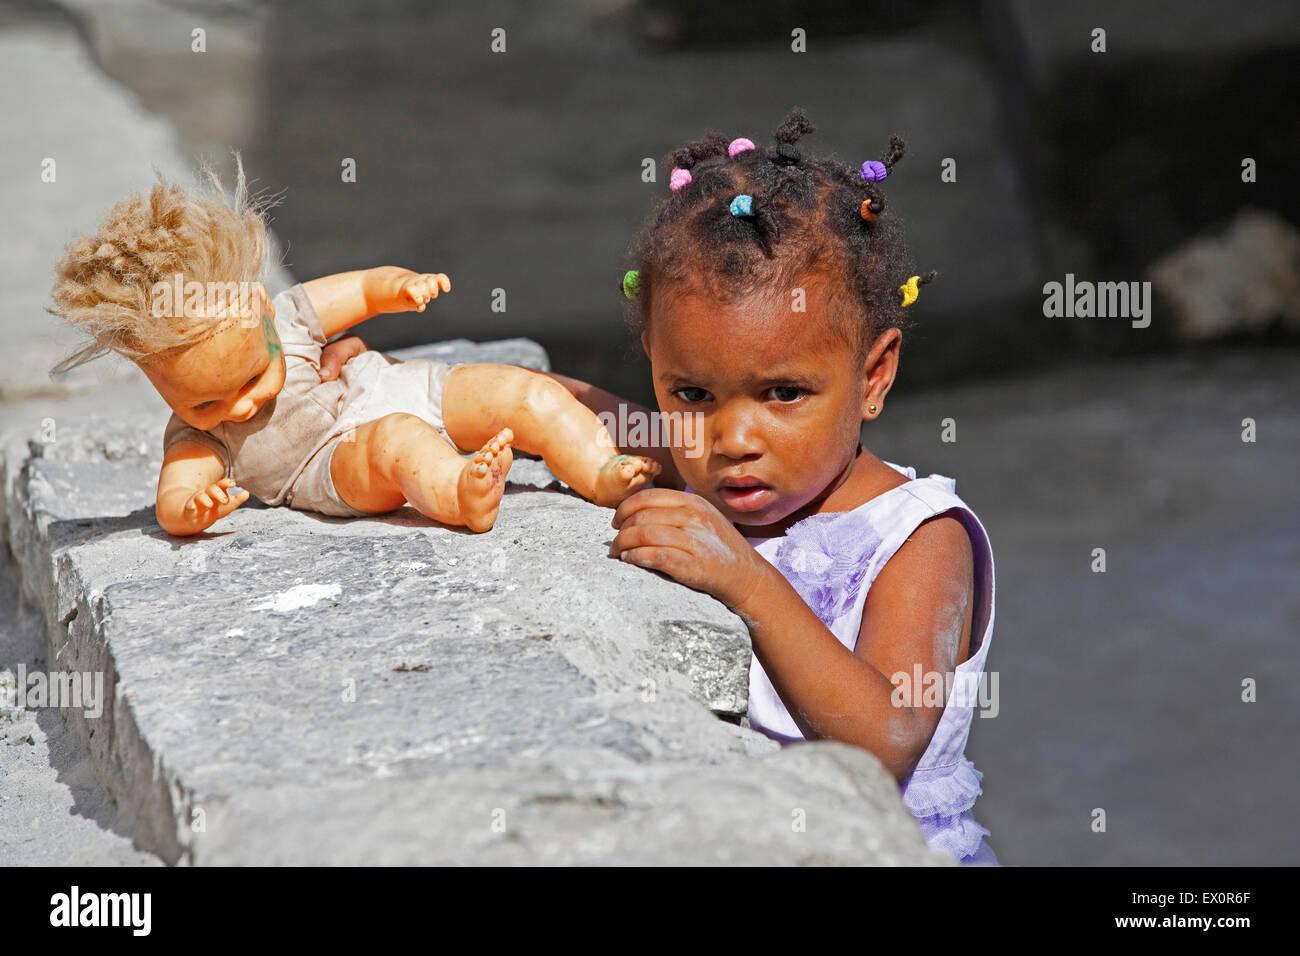 Il creolo ragazza con i capelli intrecciati a giocare con la bambola sull'isola di Santo Antão, Capo Verde Immagini Stock